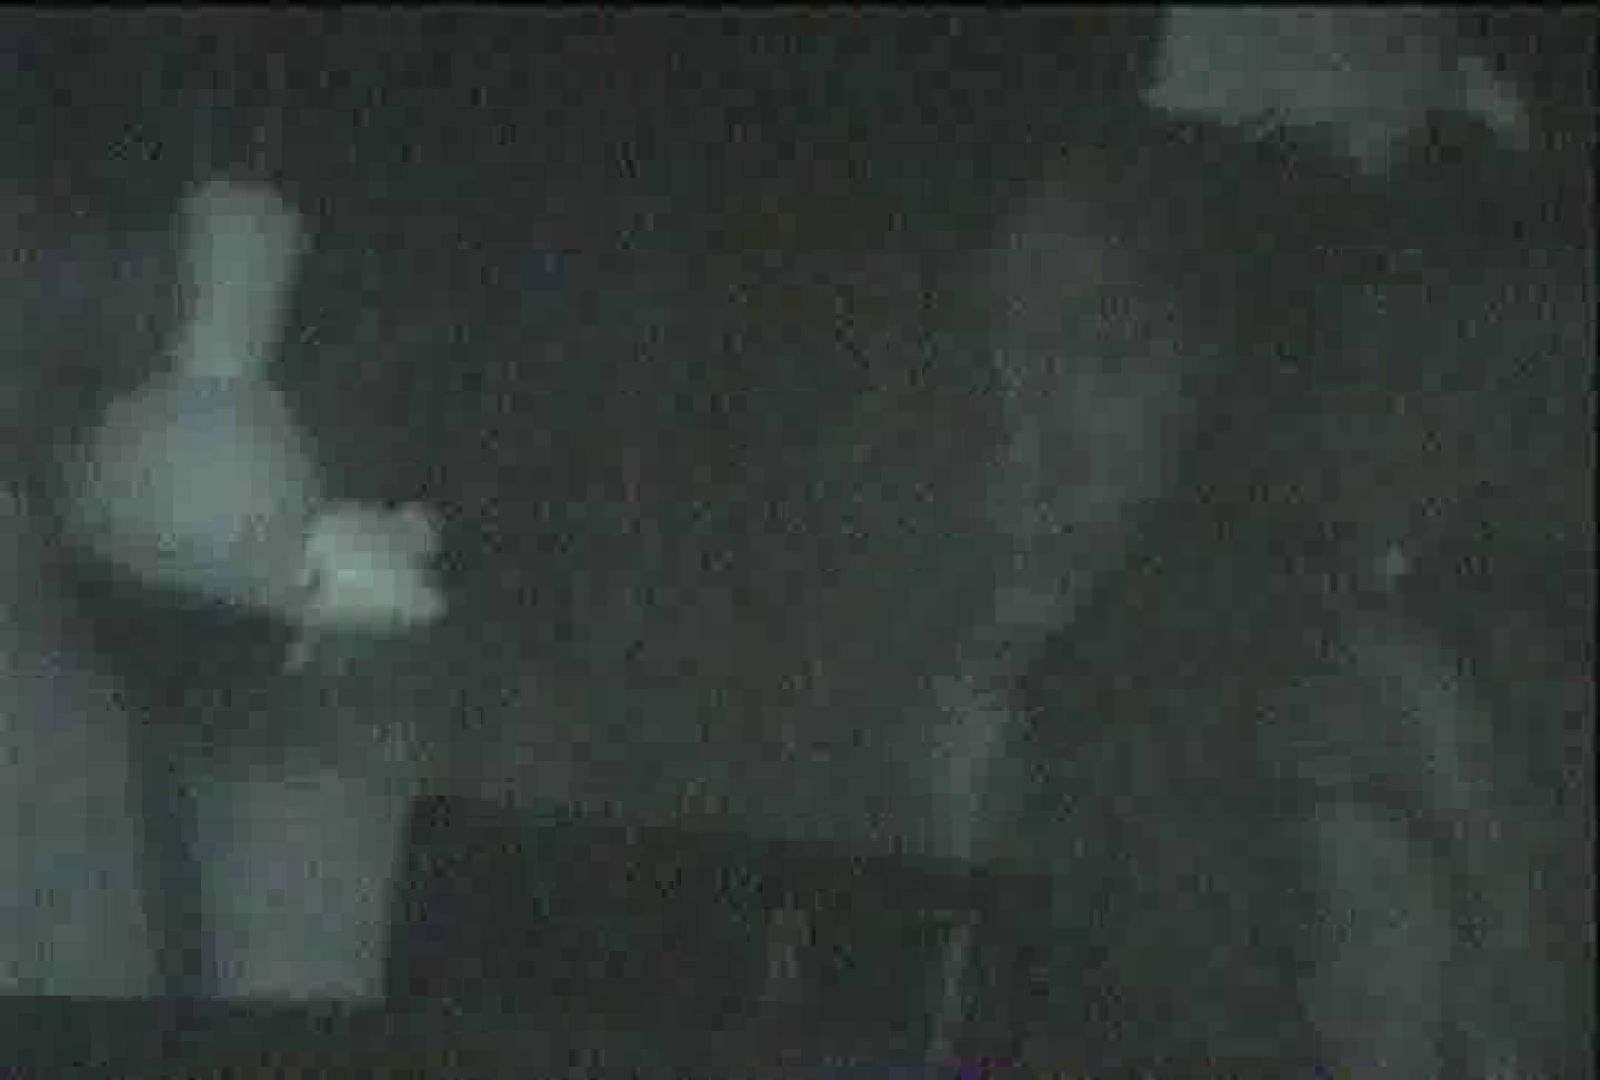 充血監督の深夜の運動会Vol.79 おまんこ | 美しいOLの裸体  91pic 5